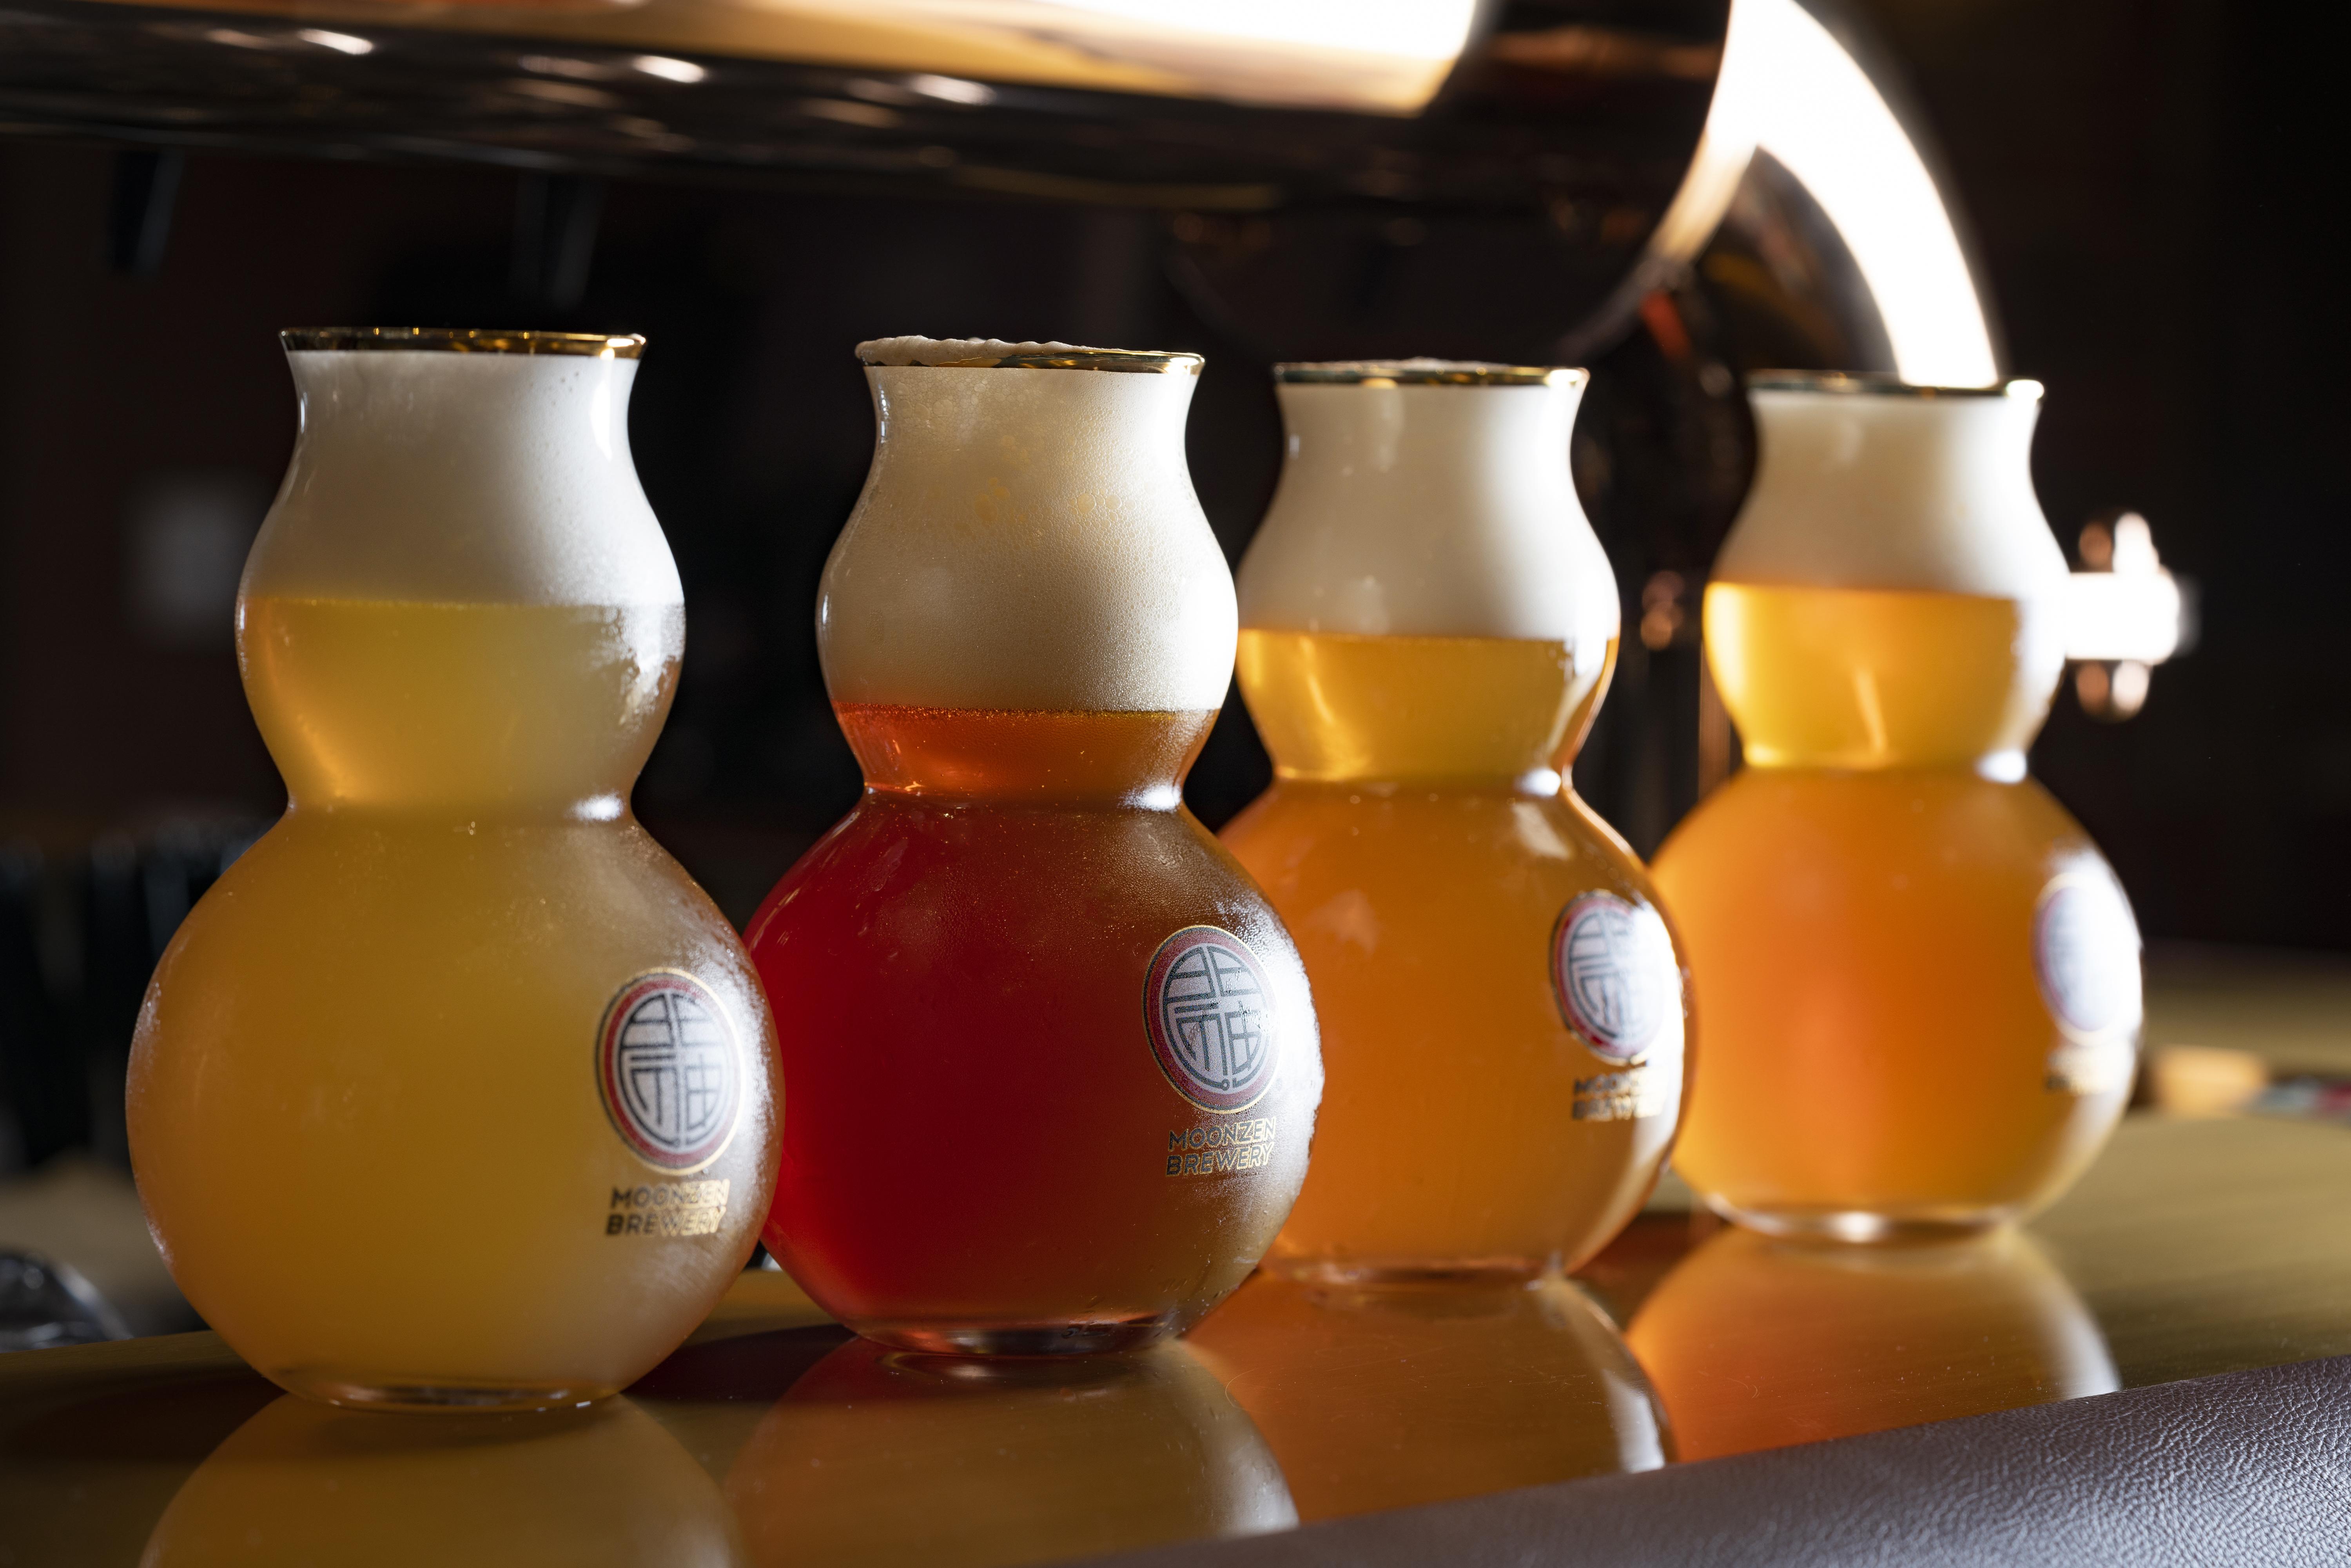 Moonzen Craft Beer